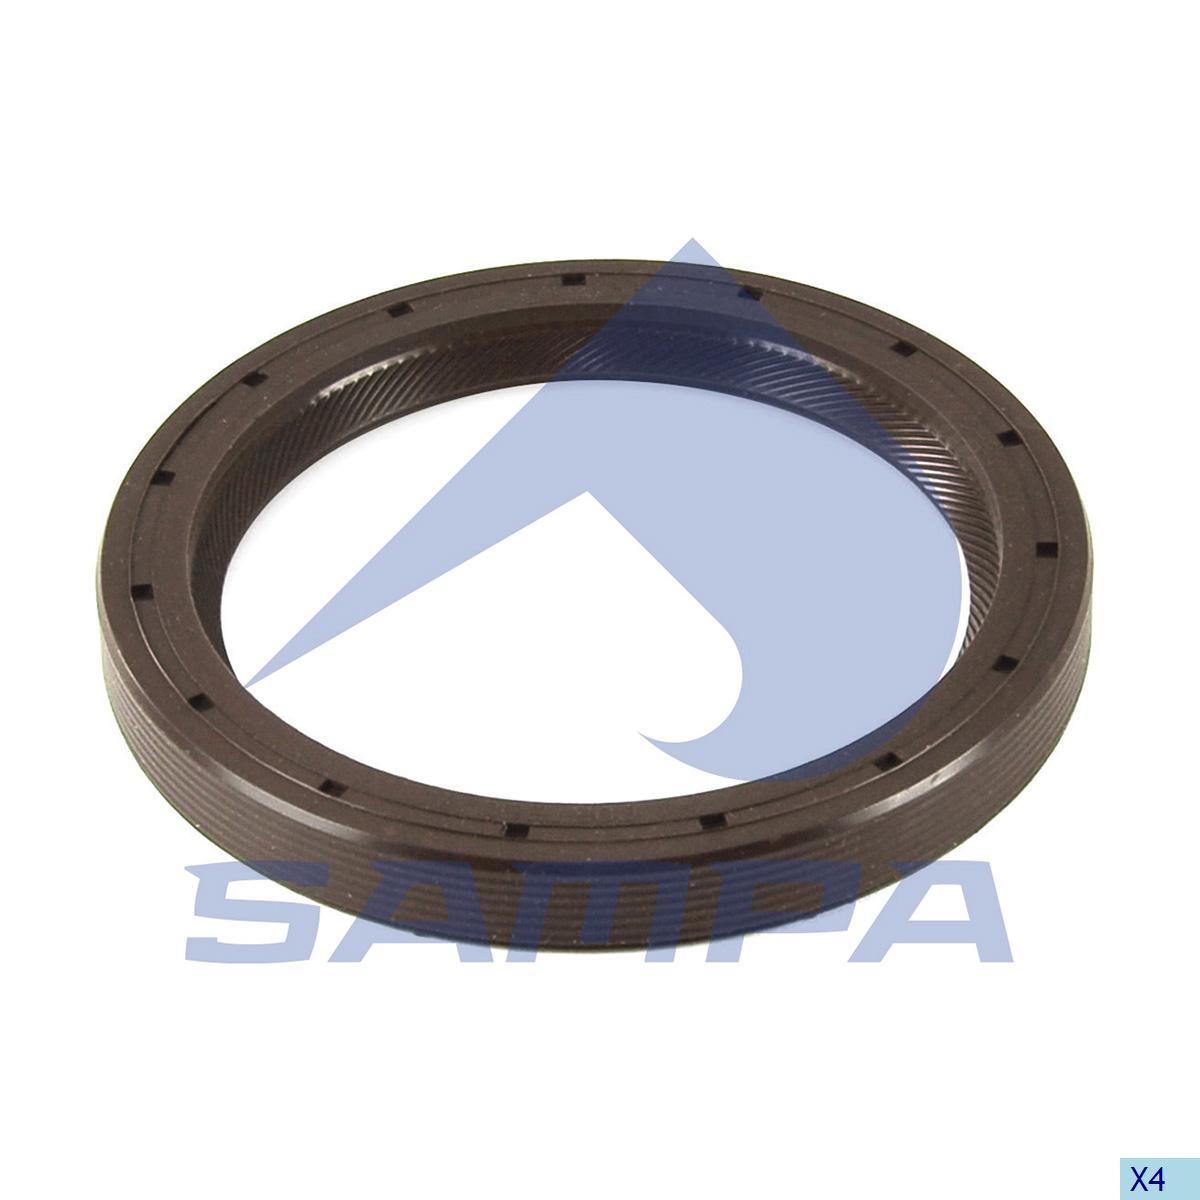 Seal Ring, Gear Box Housing, Daf, Gear Box